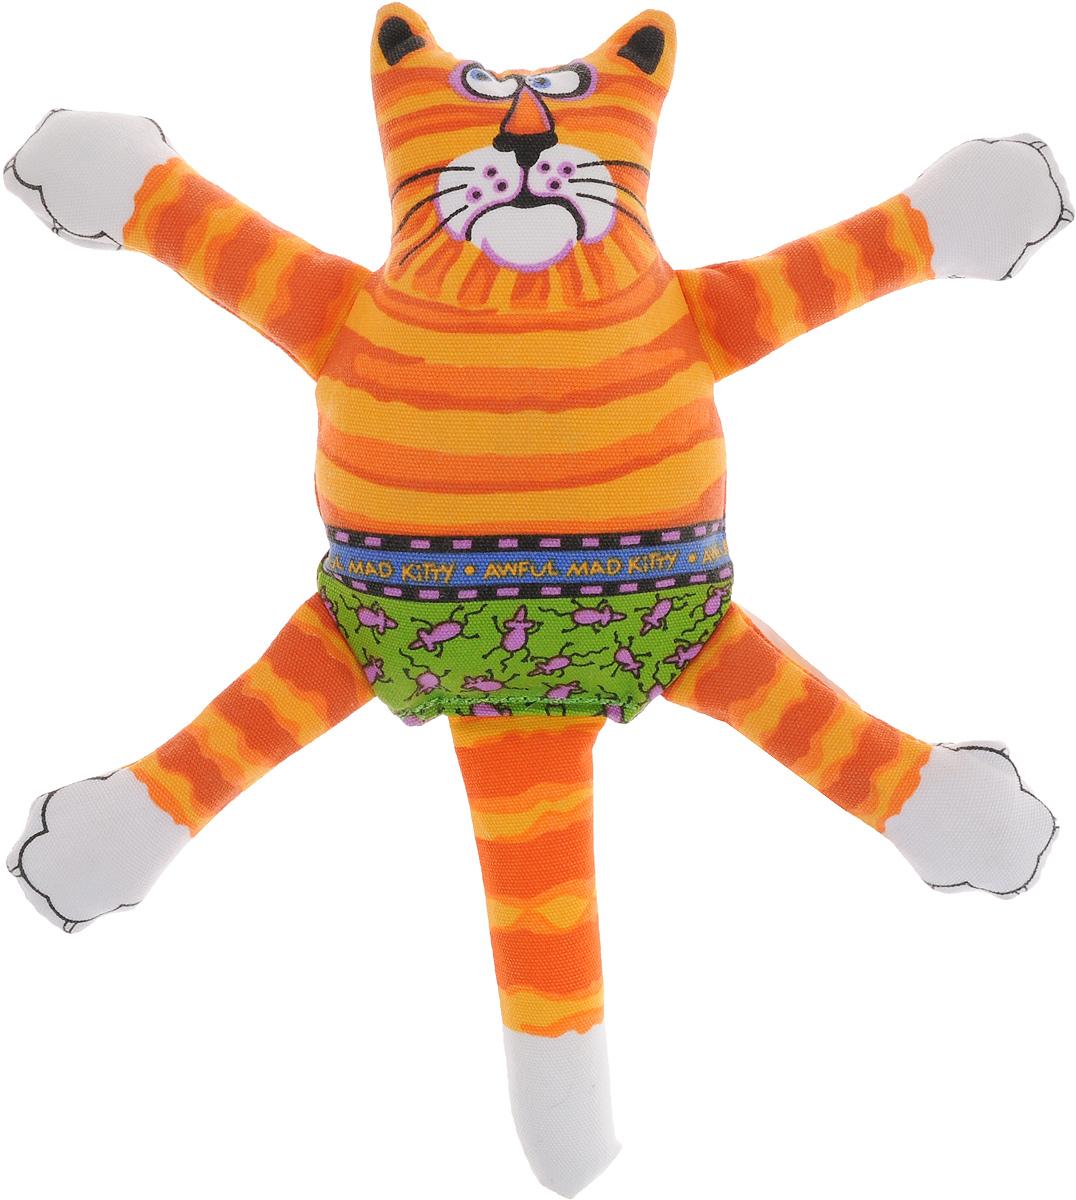 Игрушка для собак Fat Cat Кот-забияка, цвет: оранжевый, зеленый10747.оранжИгрушка Fat Cat Кот-забияка - это мечта каждой собаки, которая хочет потрепать кота и получить от этого удовольствие. Кот в свою очередь - не просто яркая игрушка с нахальной мордой, это забияка, который подразнит вашего любимца и даст сдачи во время игры, при тряске он машет лапами и шлепает ими собаку по голове. Внутри игрушки пищалка, срабатывающая при нажатии. Забавное времяпрепровождение вашему другу просто обеспечено! Подойдет для собак средних размеров.